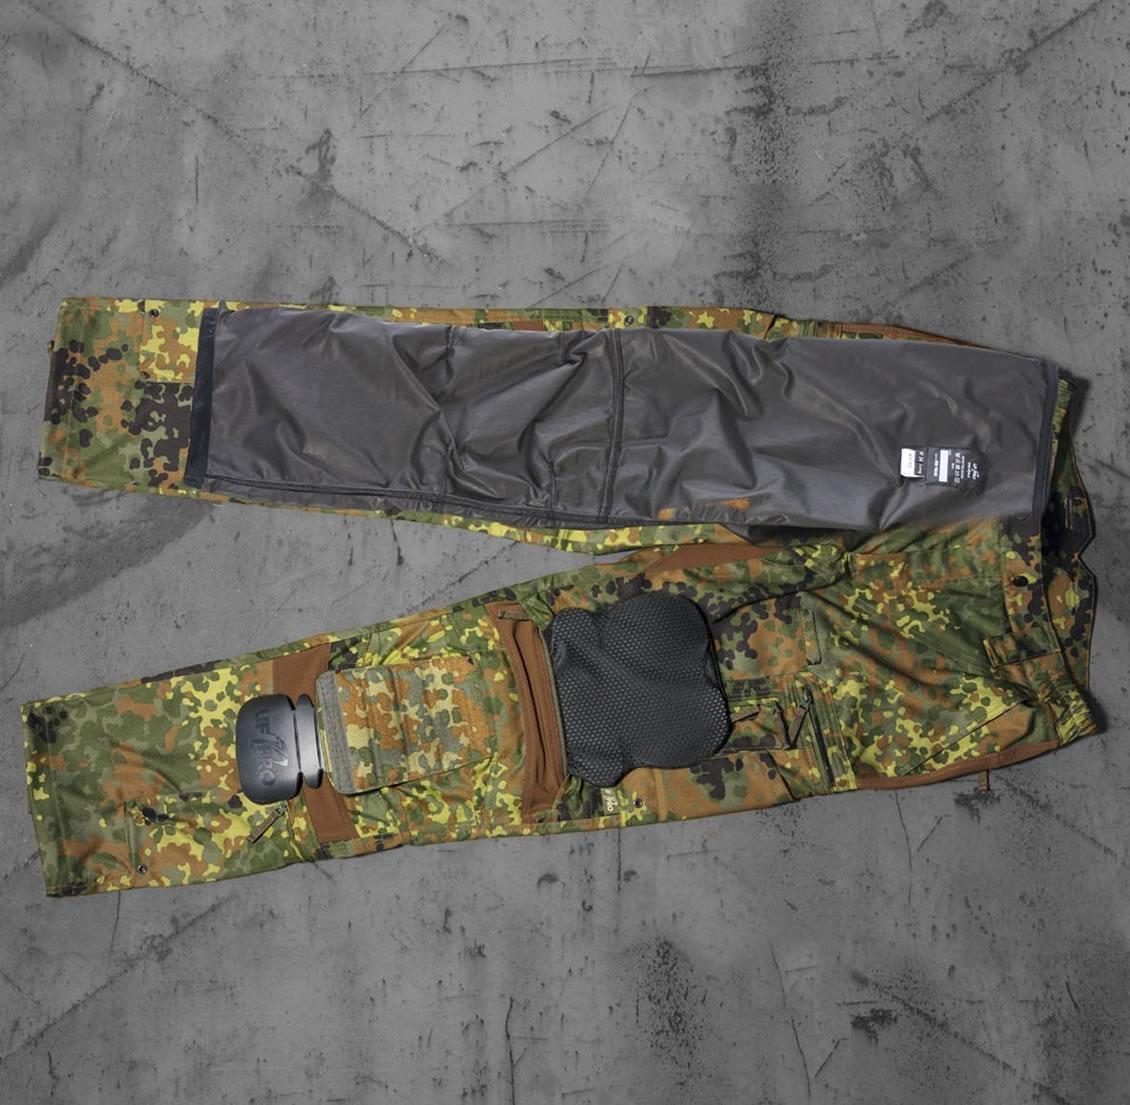 Rüste deine UF PRO® Striker XT Kampfhose für unterschiedliche klimatische Bedingungen nach und erhöhe deine Schutzausstattung.